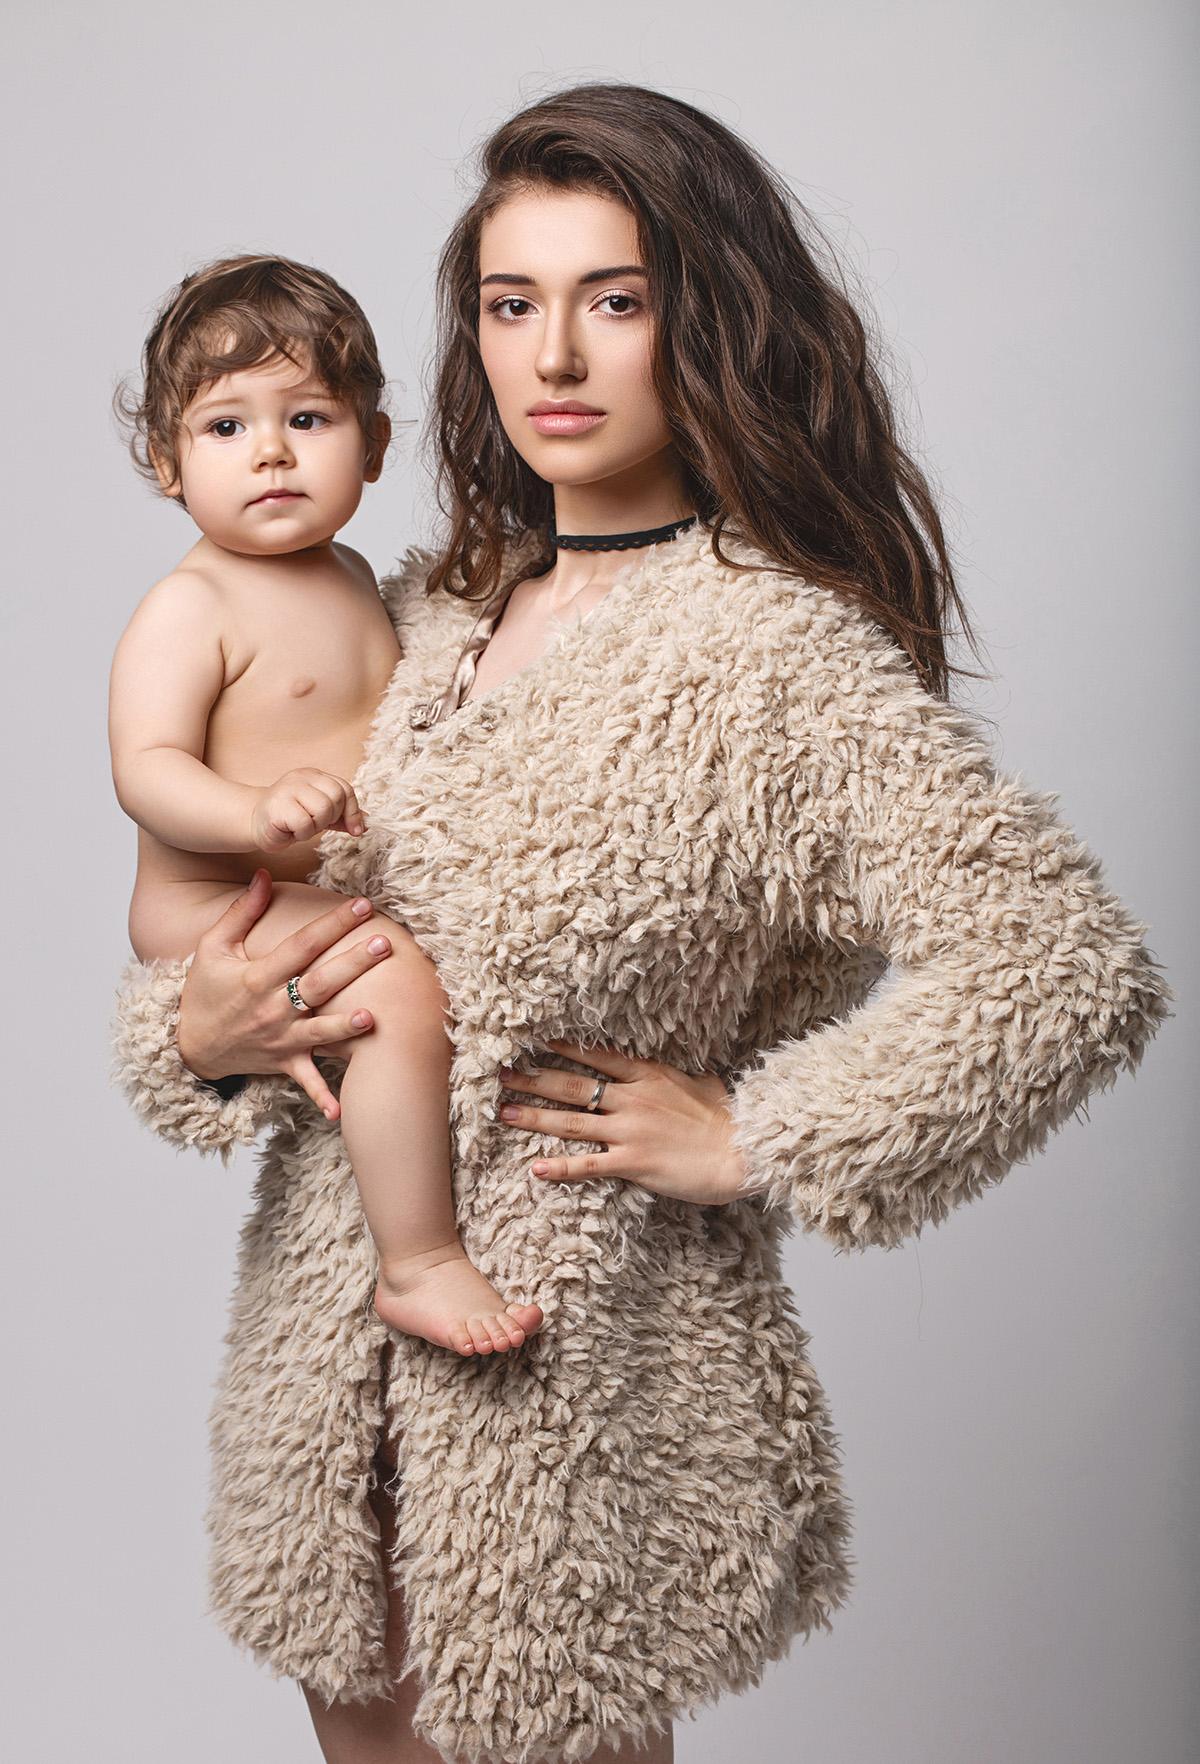 Abbigliamento premaman - Prnatal Store Online Mamma fashion negozi italia